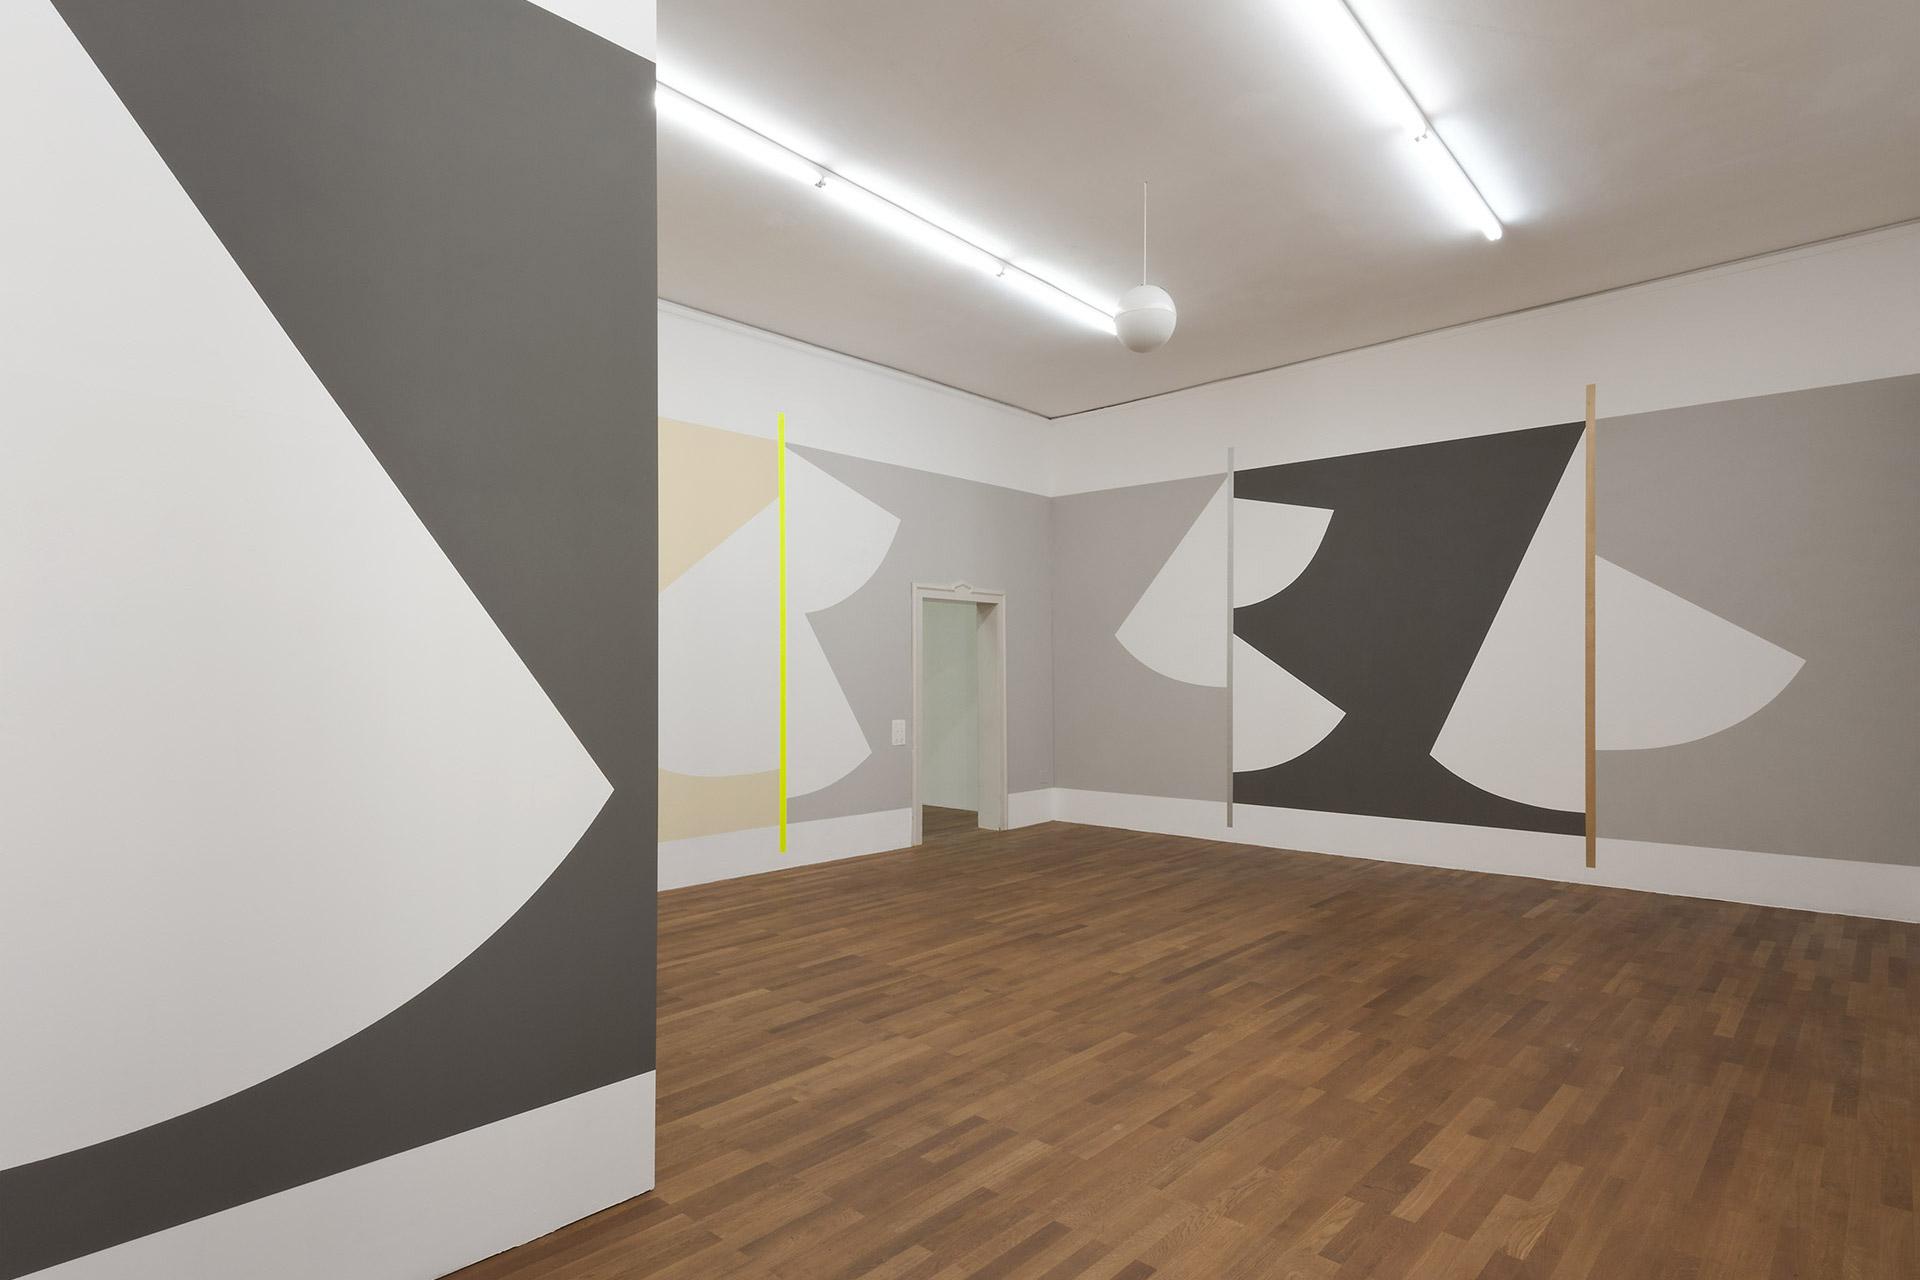 Shaan-Syed-Kunsthalle-Winterthur-2015.jpg